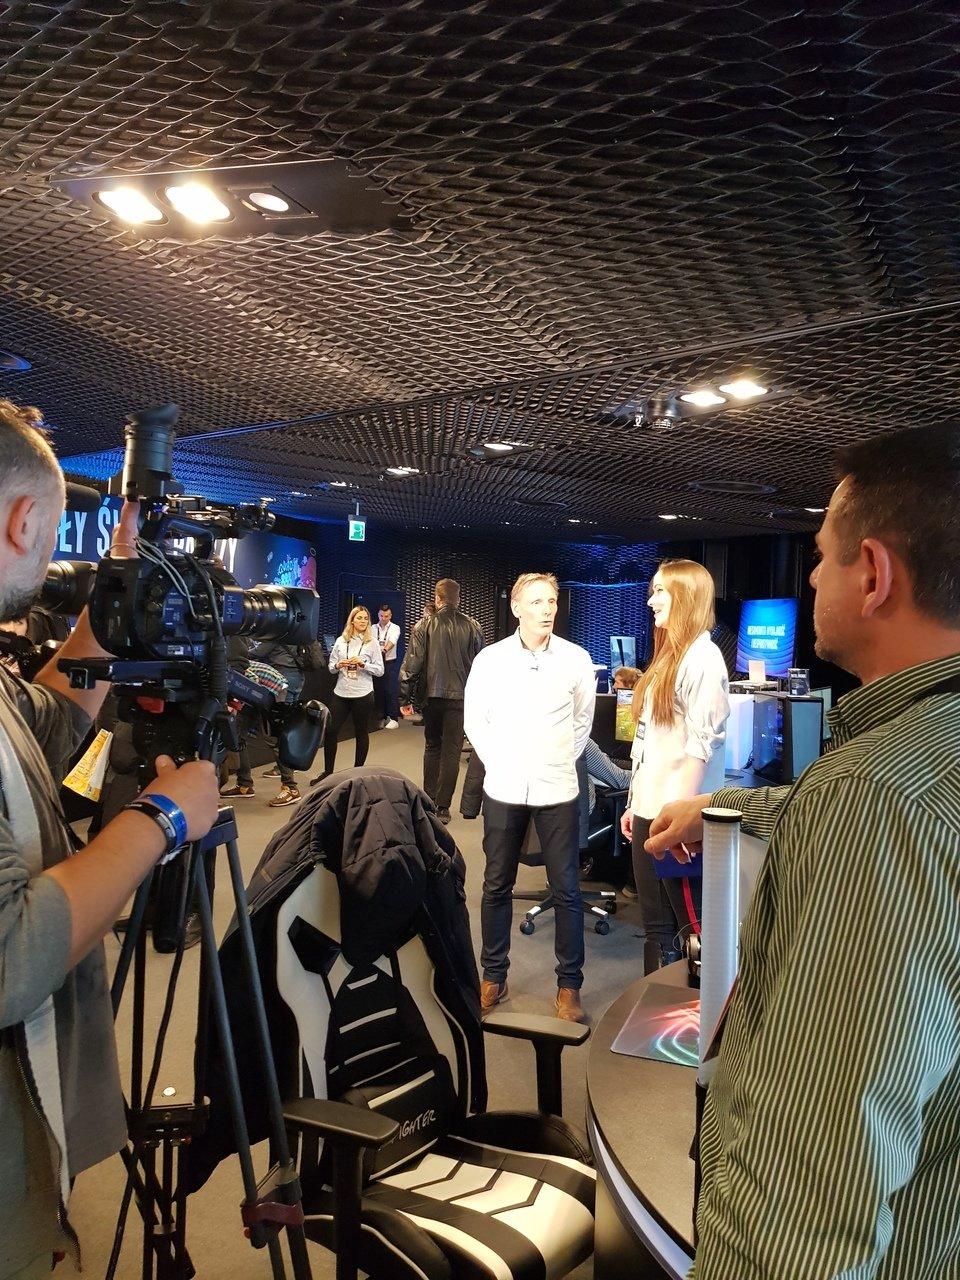 Hans Jurgen Werner, dyrektor ds. strategii marketingowej i kampanii rozwiązań klienckich w Intelu, oraz Agnieszka Borysiuk z Onetu